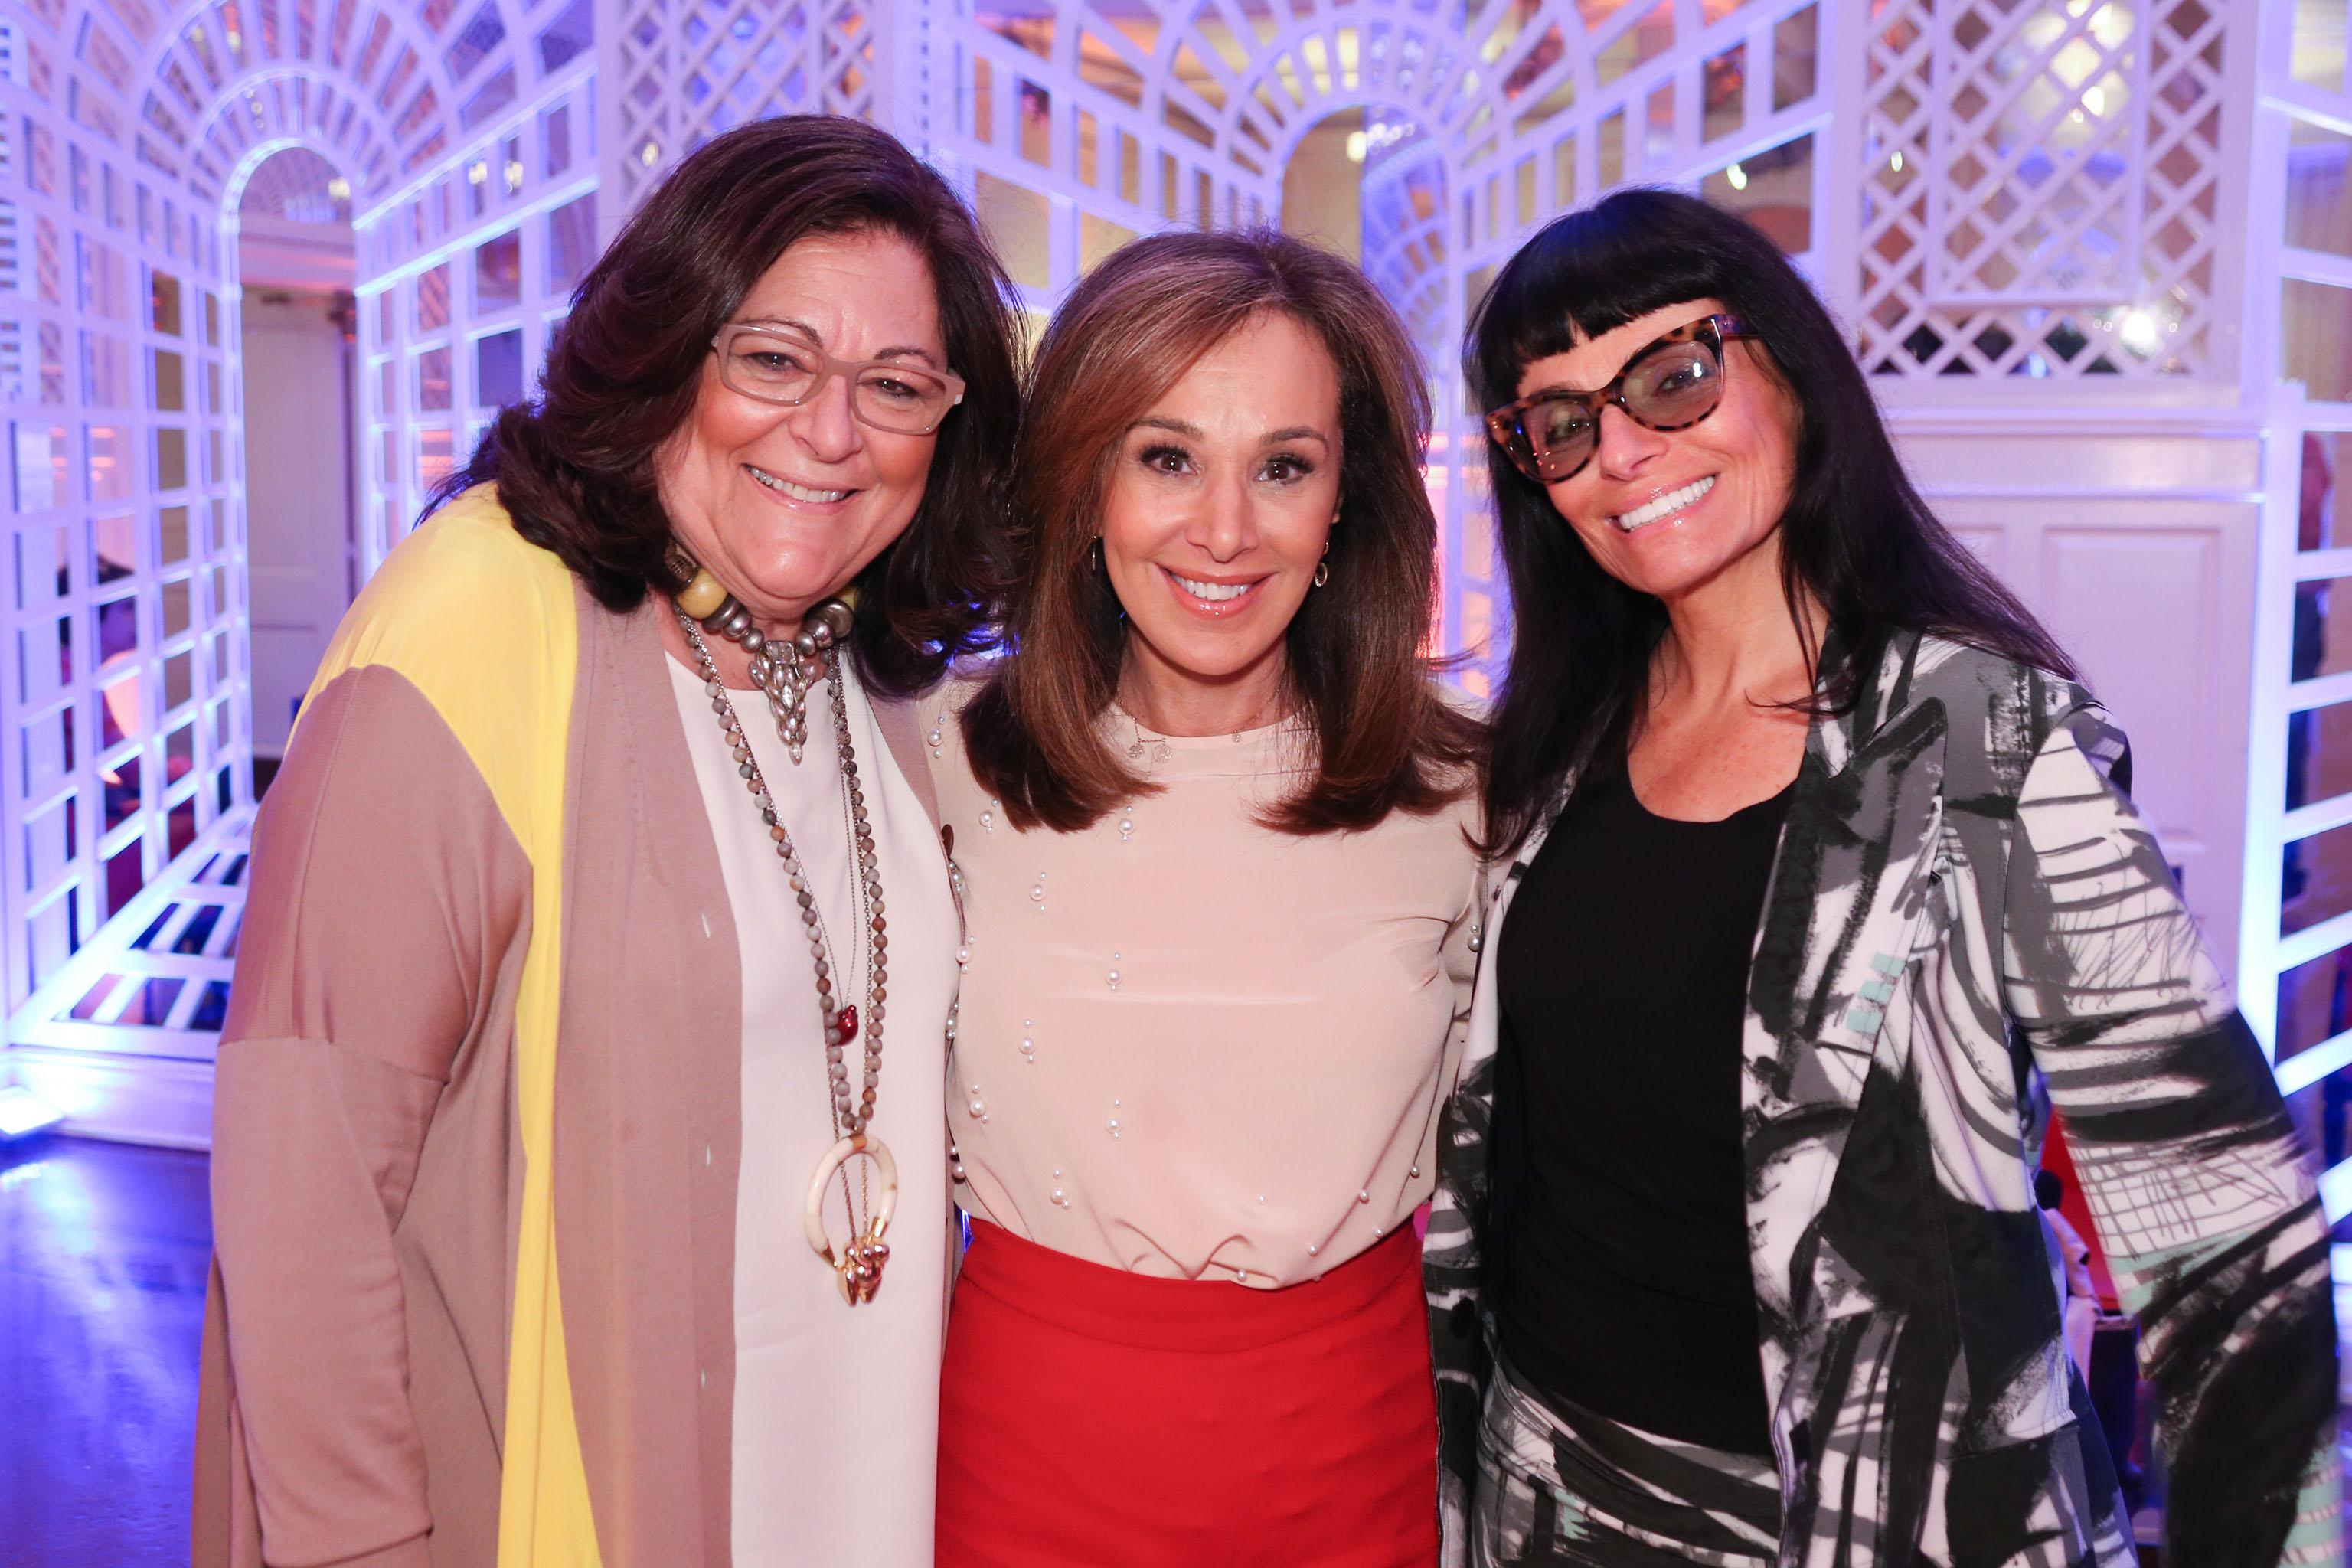 Fern Mallis, Rosanna Scotto, and Norma Kamali